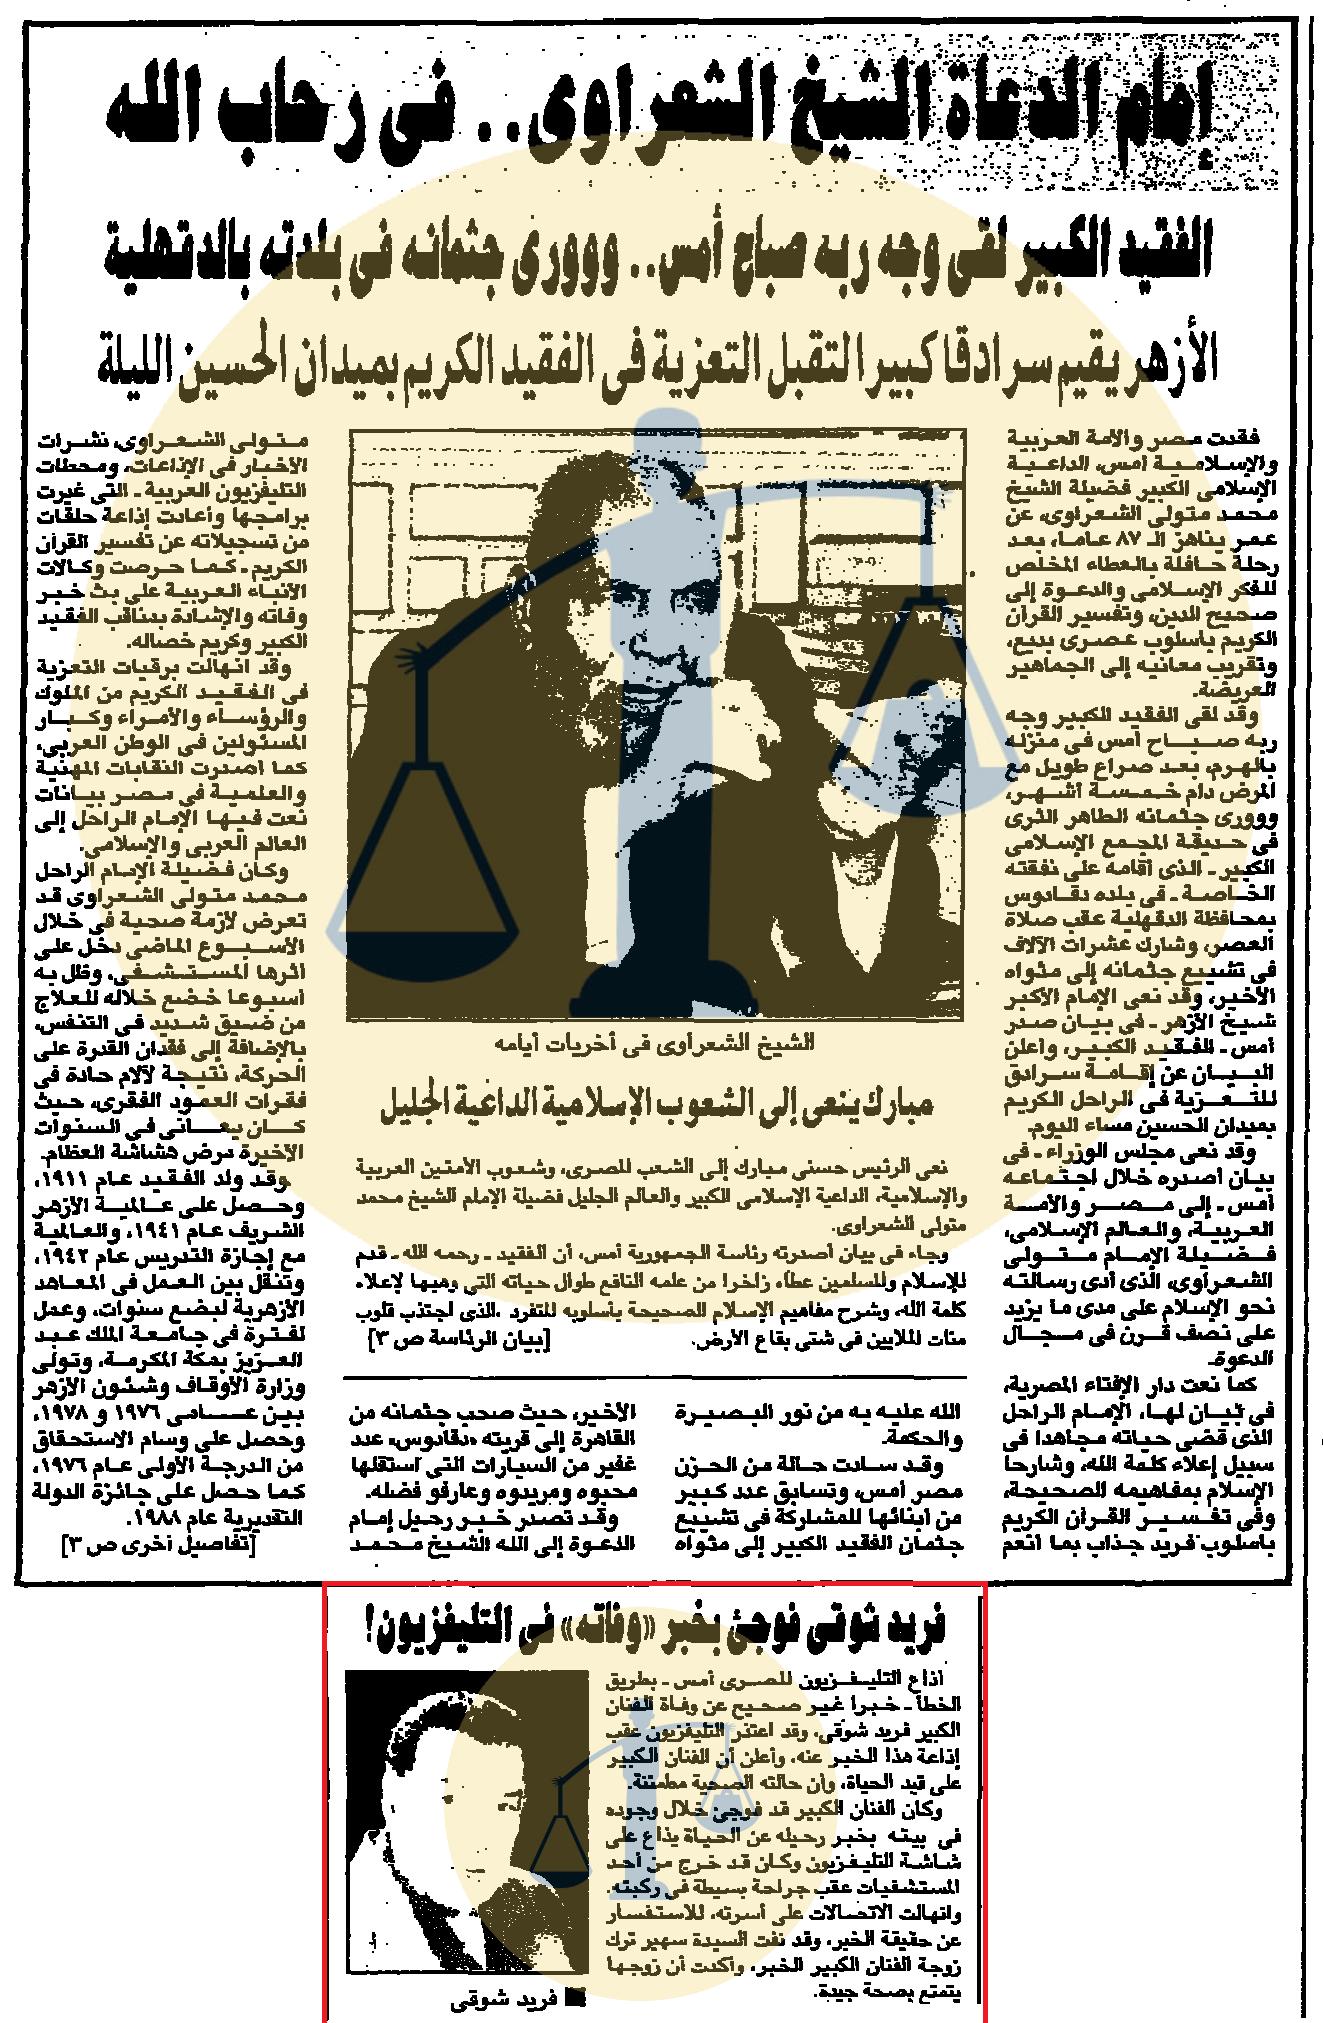 خبر وفاة الشيخ الشعراوي وأسفله شائعة وفاة فريد شوقي